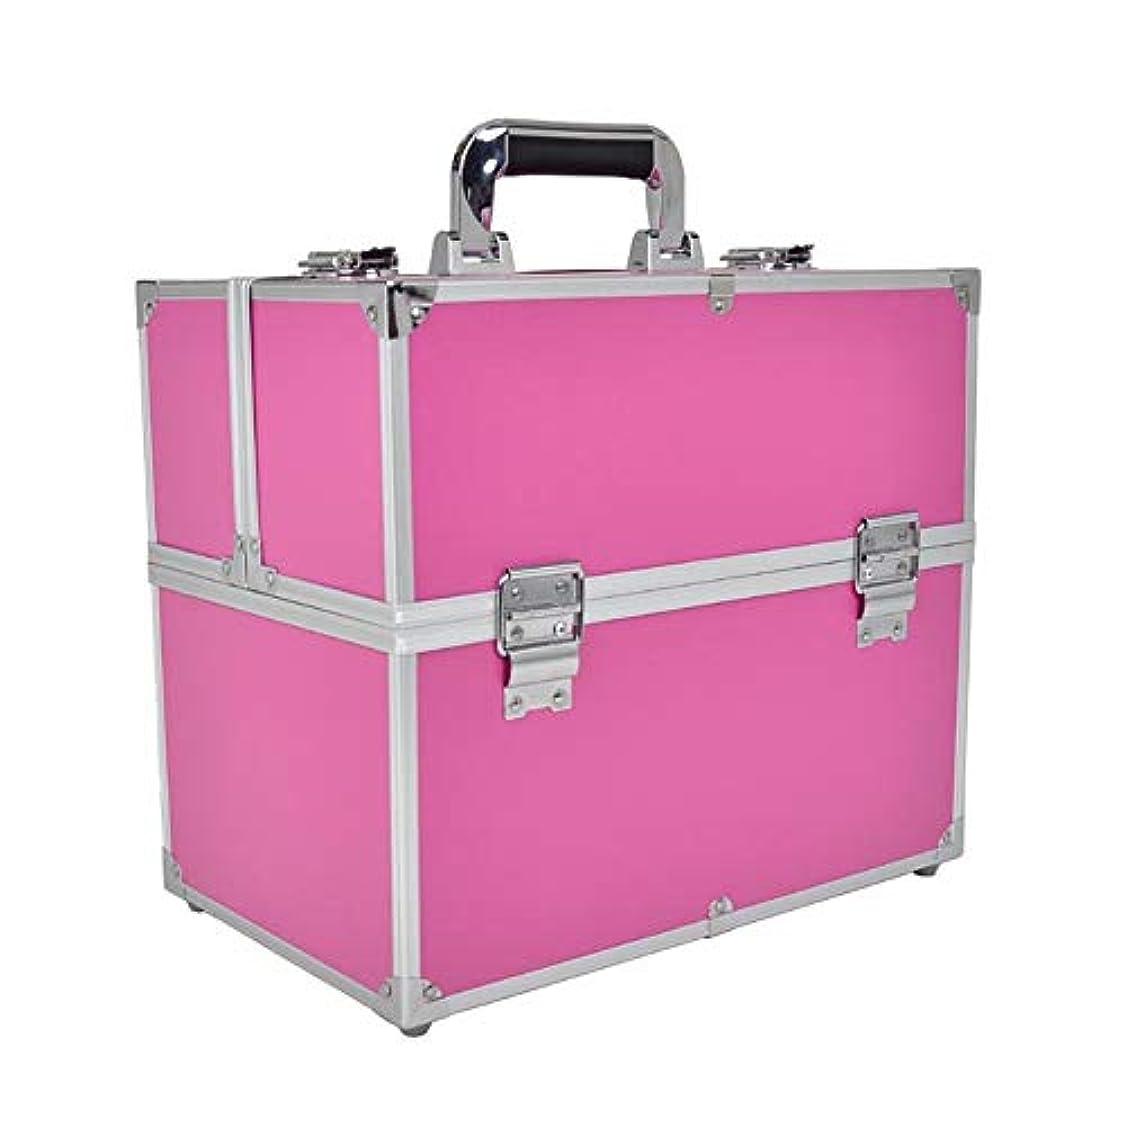 タイプライターアルコーブ生き残ります化粧オーガナイザーバッグ 6トレイの小さなものの種類のための旅行のための美容メイクアップのための大容量大容量化粧品ケース 化粧品ケース